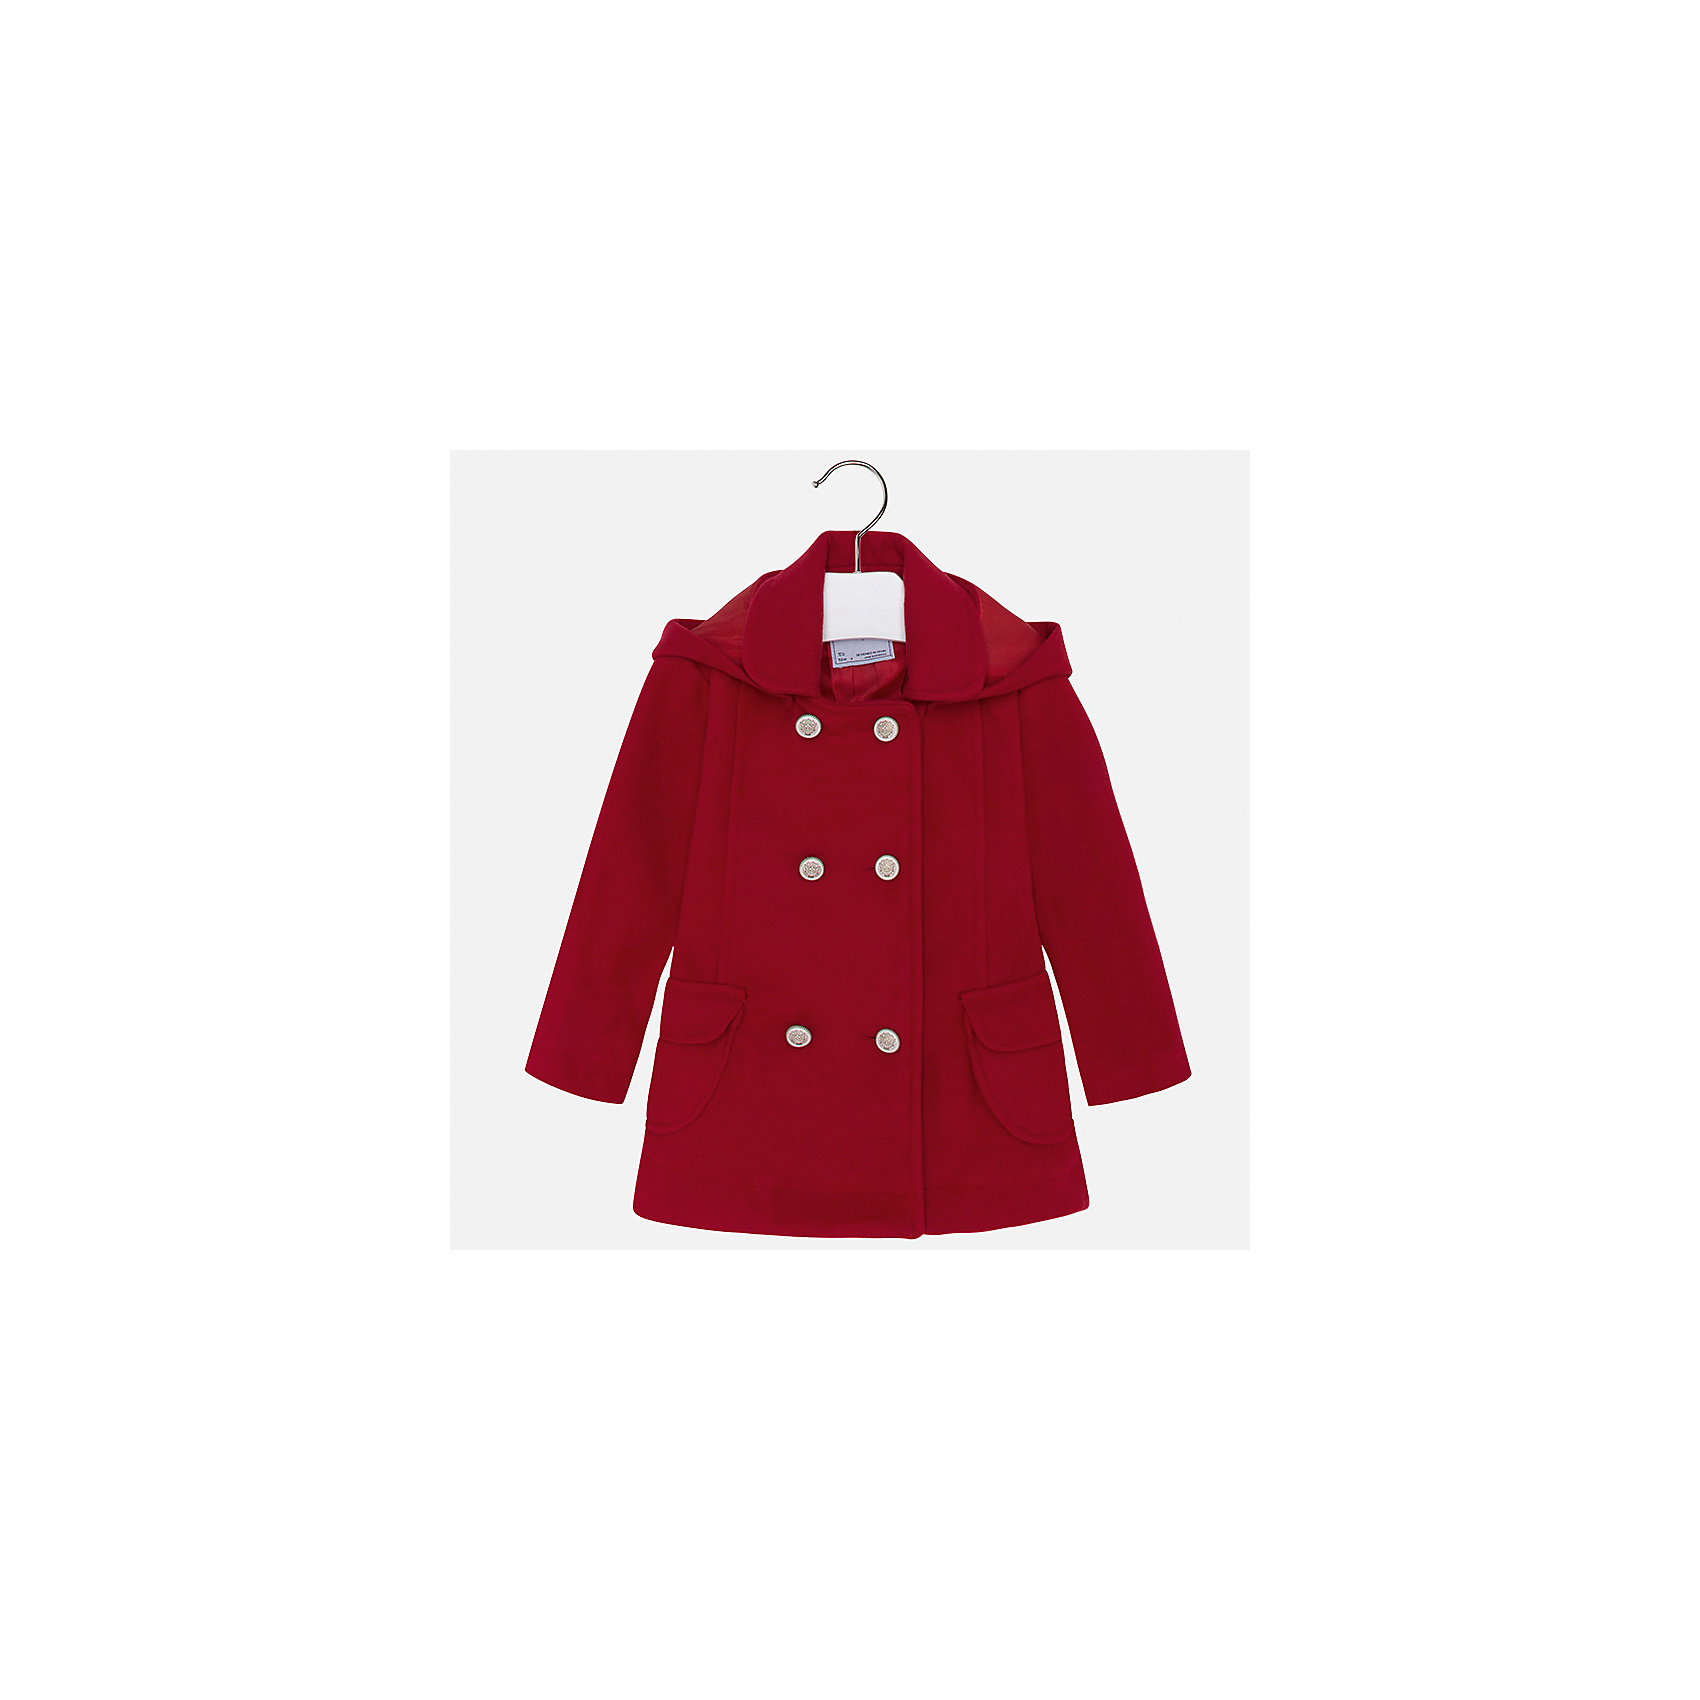 Пальто Mayoral для девочкиВерхняя одежда<br>Характеристики товара:<br><br>• цвет: красный<br>• состав ткани: 95% полиэстер, 3% акрил, 2% эластан, подклад - 100% полиэстер<br>• застежка: пуговицы<br>• длинные рукава<br>• сезон: демисезон<br>• температурный режим: от +5 до -5<br>• страна бренда: Испания<br>• страна изготовитель: Индия<br><br>Красивое пальто модного силуэта для девочки от Майорал поможет обеспечить тепло и комфорт. Эффектное пальто отличается лаконичной отделкой и отложным воротником. <br><br>Детская одежда от испанской компании Mayoral отличаются оригинальным и всегда стильным дизайном. Качество продукции неизменно очень высокое.<br><br>Пальто для девочки Mayoral (Майорал) можно купить в нашем интернет-магазине.<br><br>Ширина мм: 356<br>Глубина мм: 10<br>Высота мм: 245<br>Вес г: 519<br>Цвет: красный<br>Возраст от месяцев: 96<br>Возраст до месяцев: 108<br>Пол: Женский<br>Возраст: Детский<br>Размер: 134,110,116,92,98,104,122,128<br>SKU: 6924329